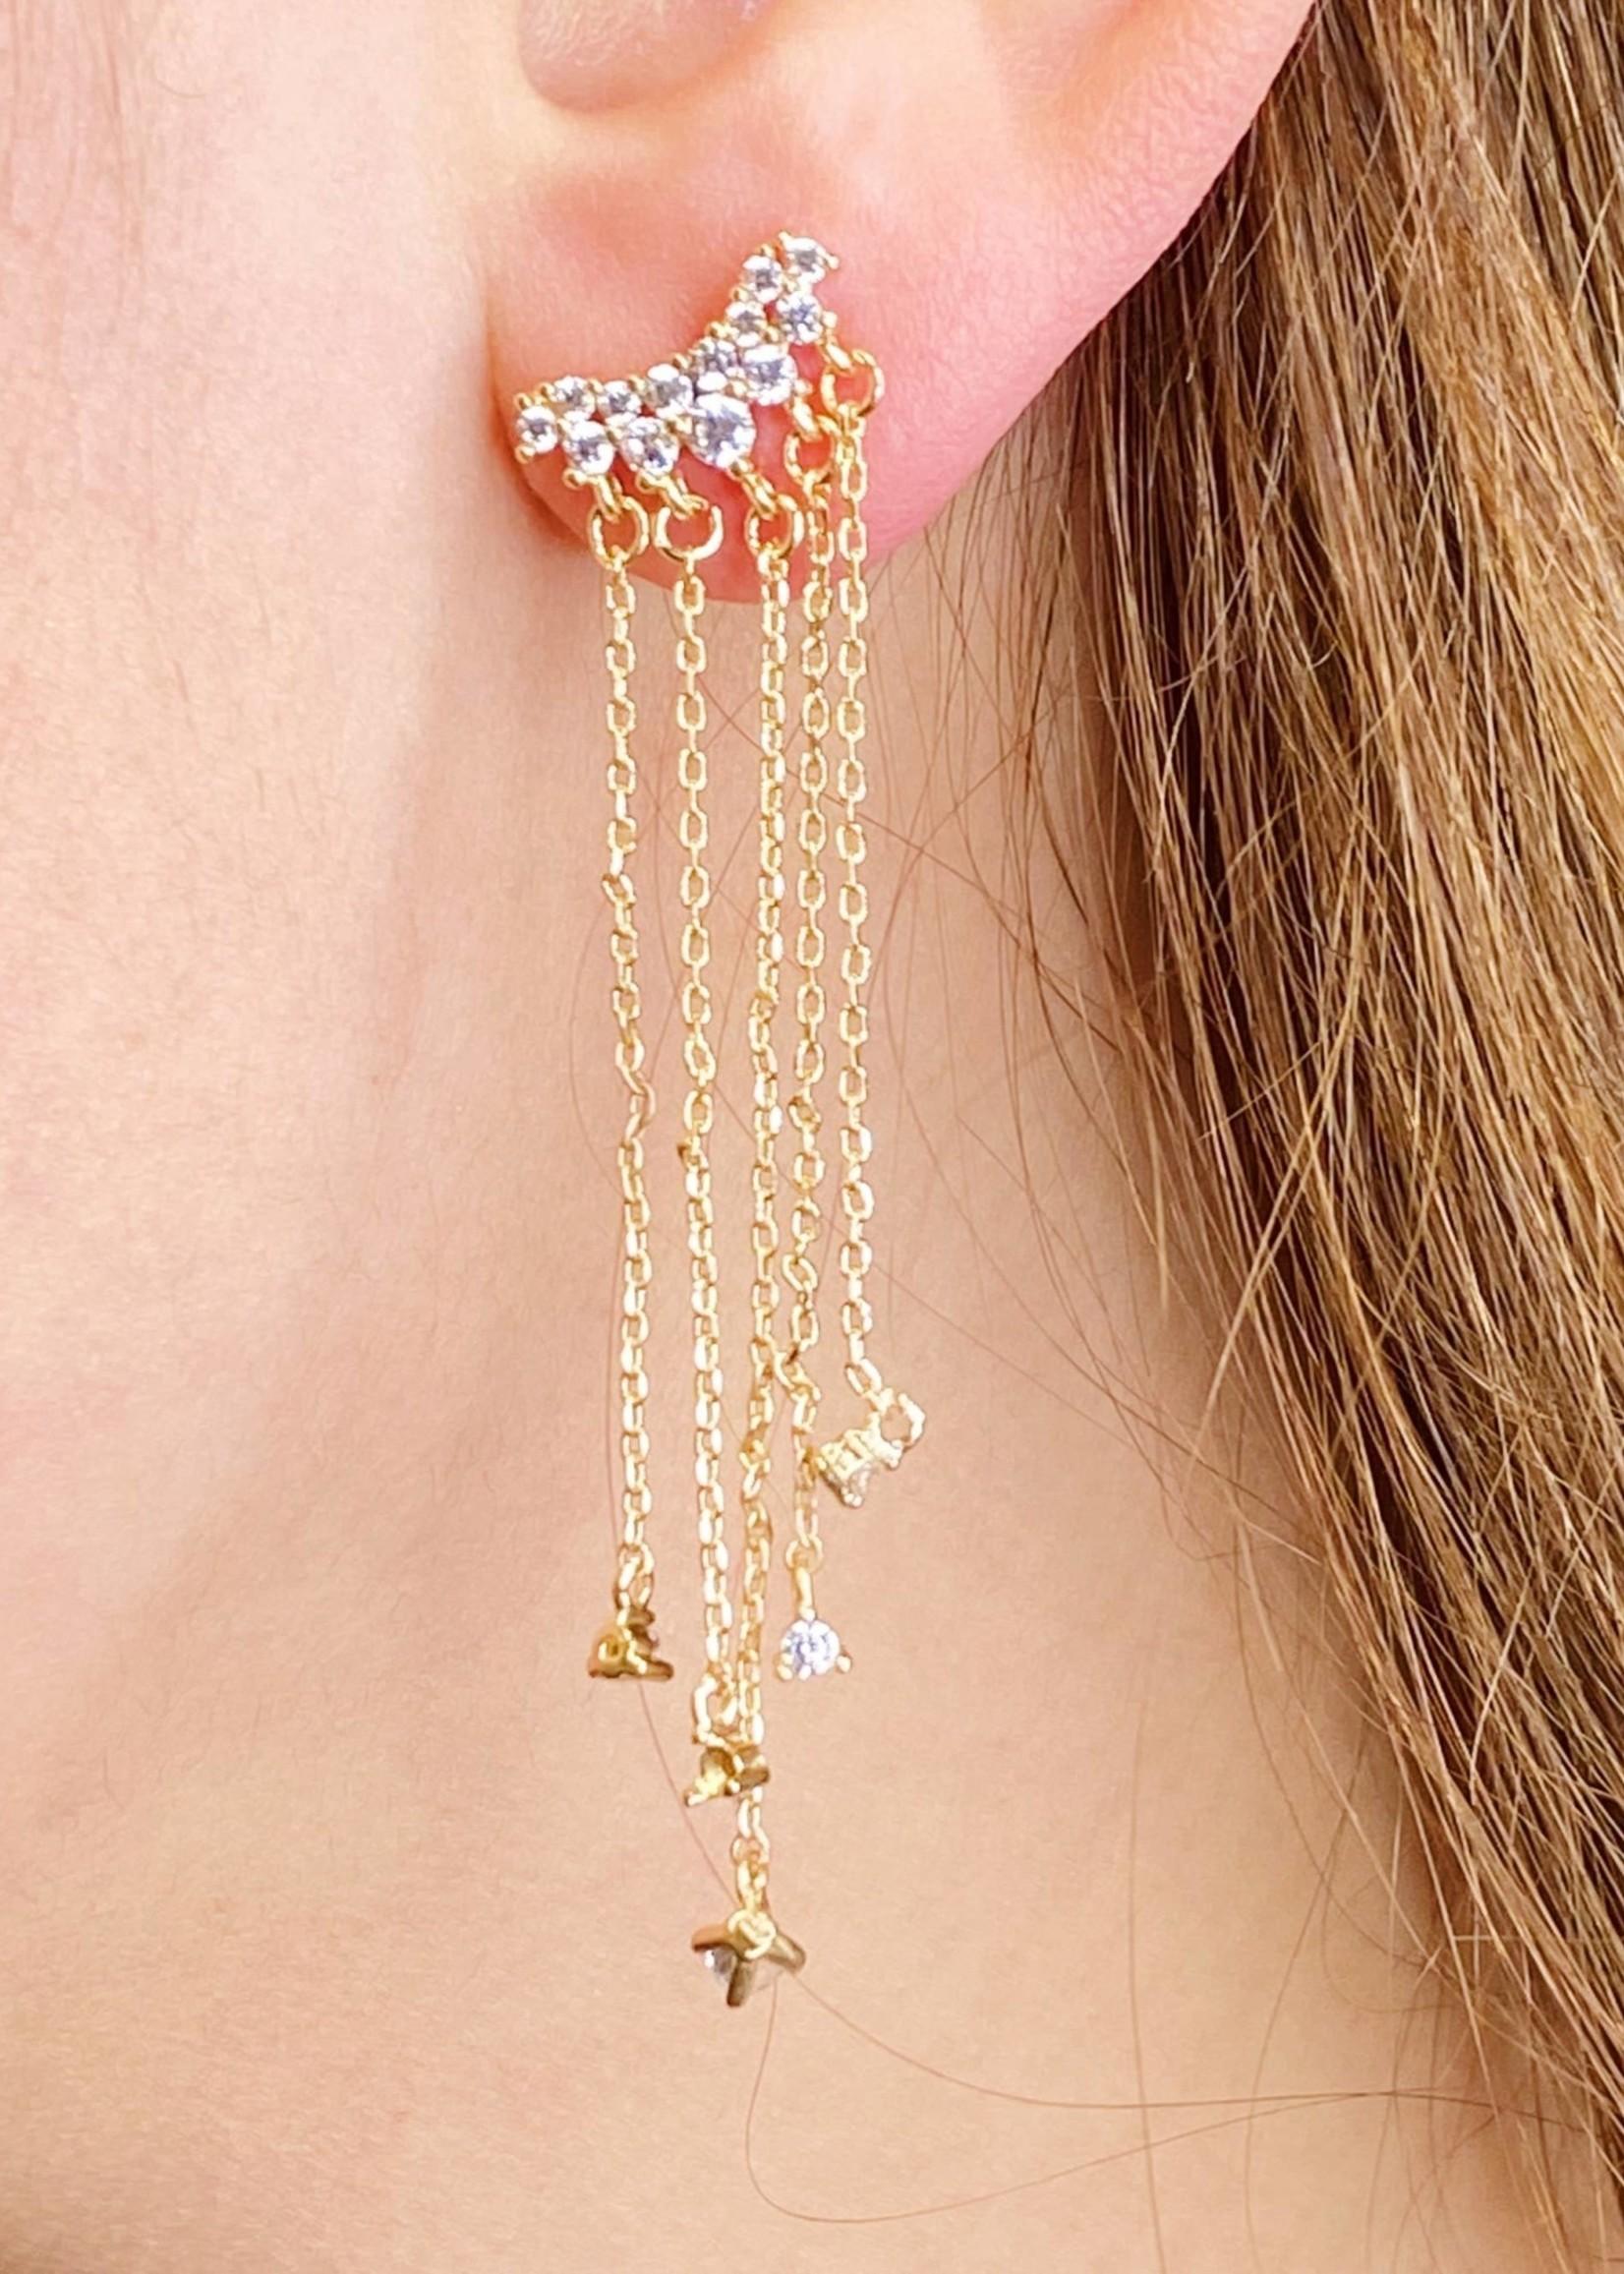 Dreamy Star Shower Earrings